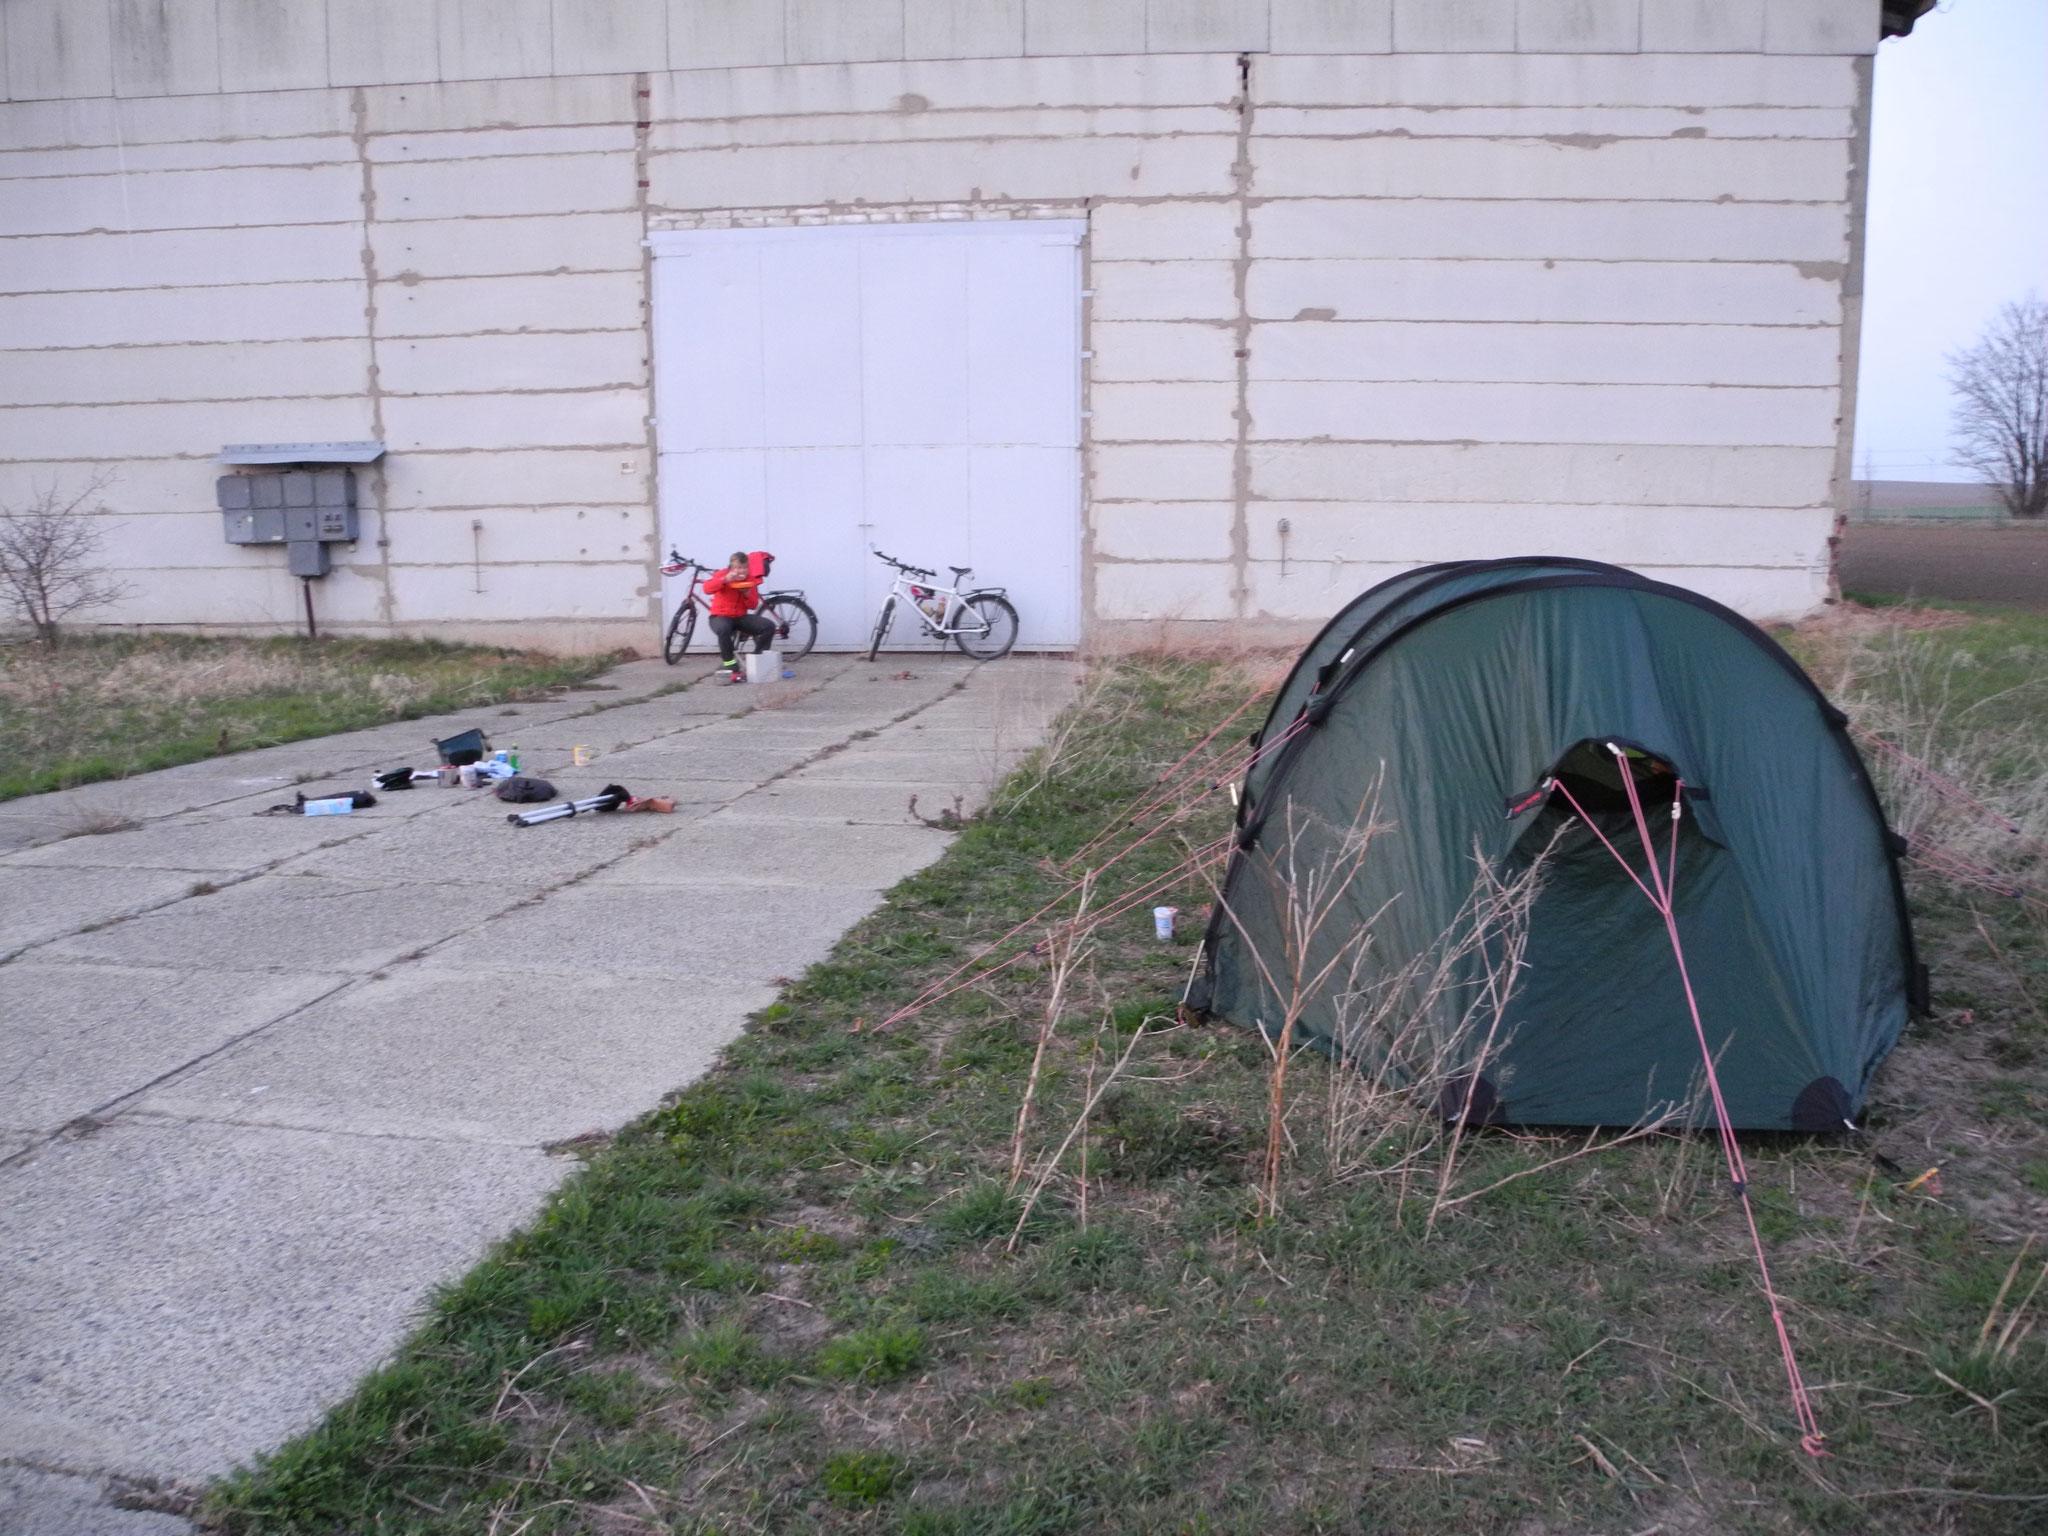 Das erste Camp im Harz hinter einer Scheune